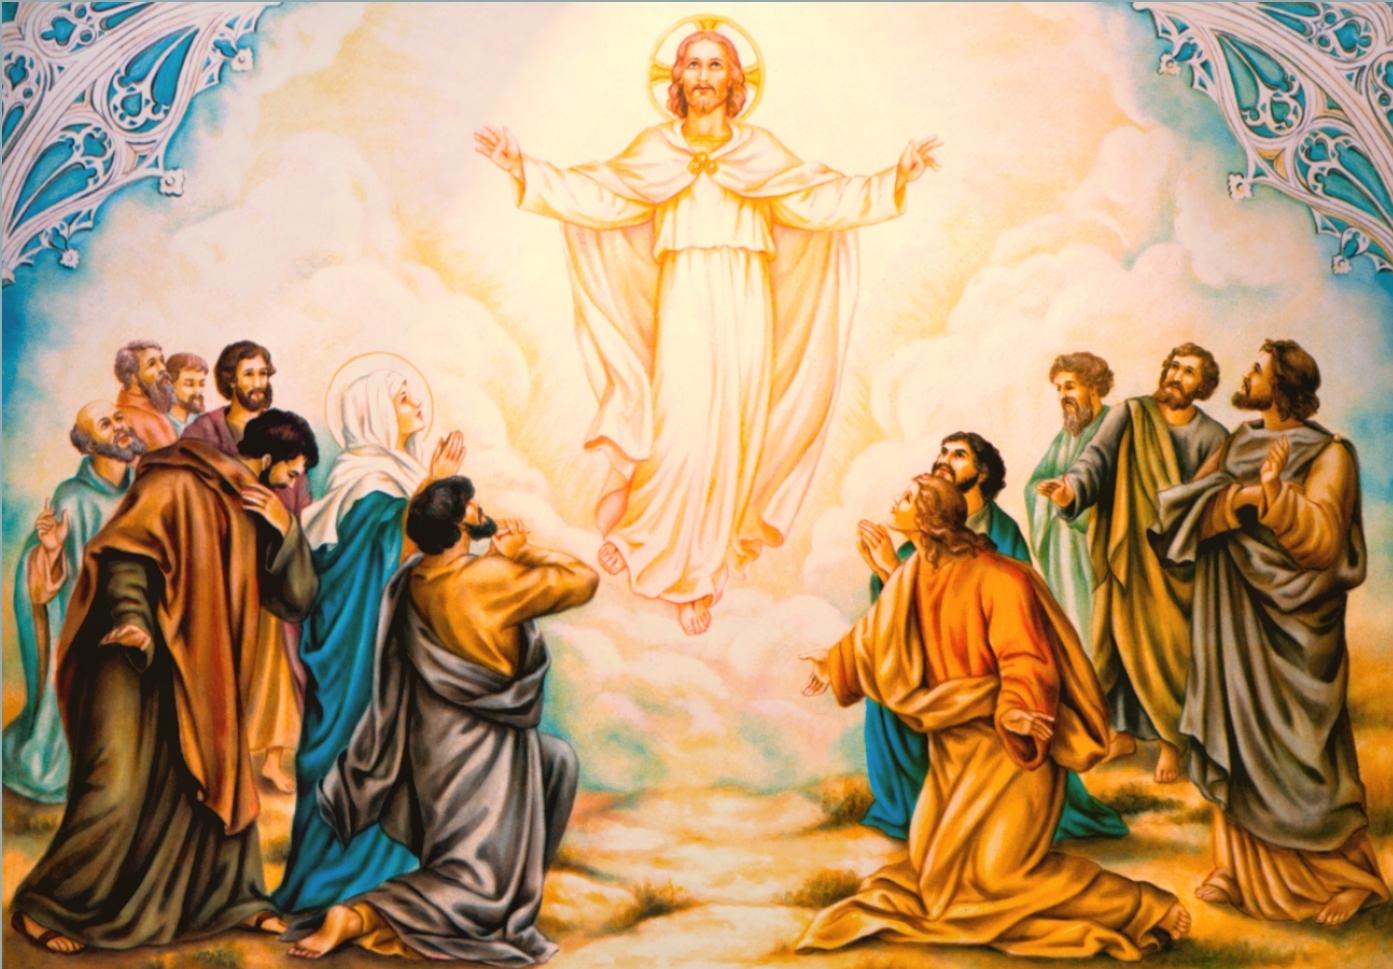 Jesus Easter Wallpaper Wallpapersafari